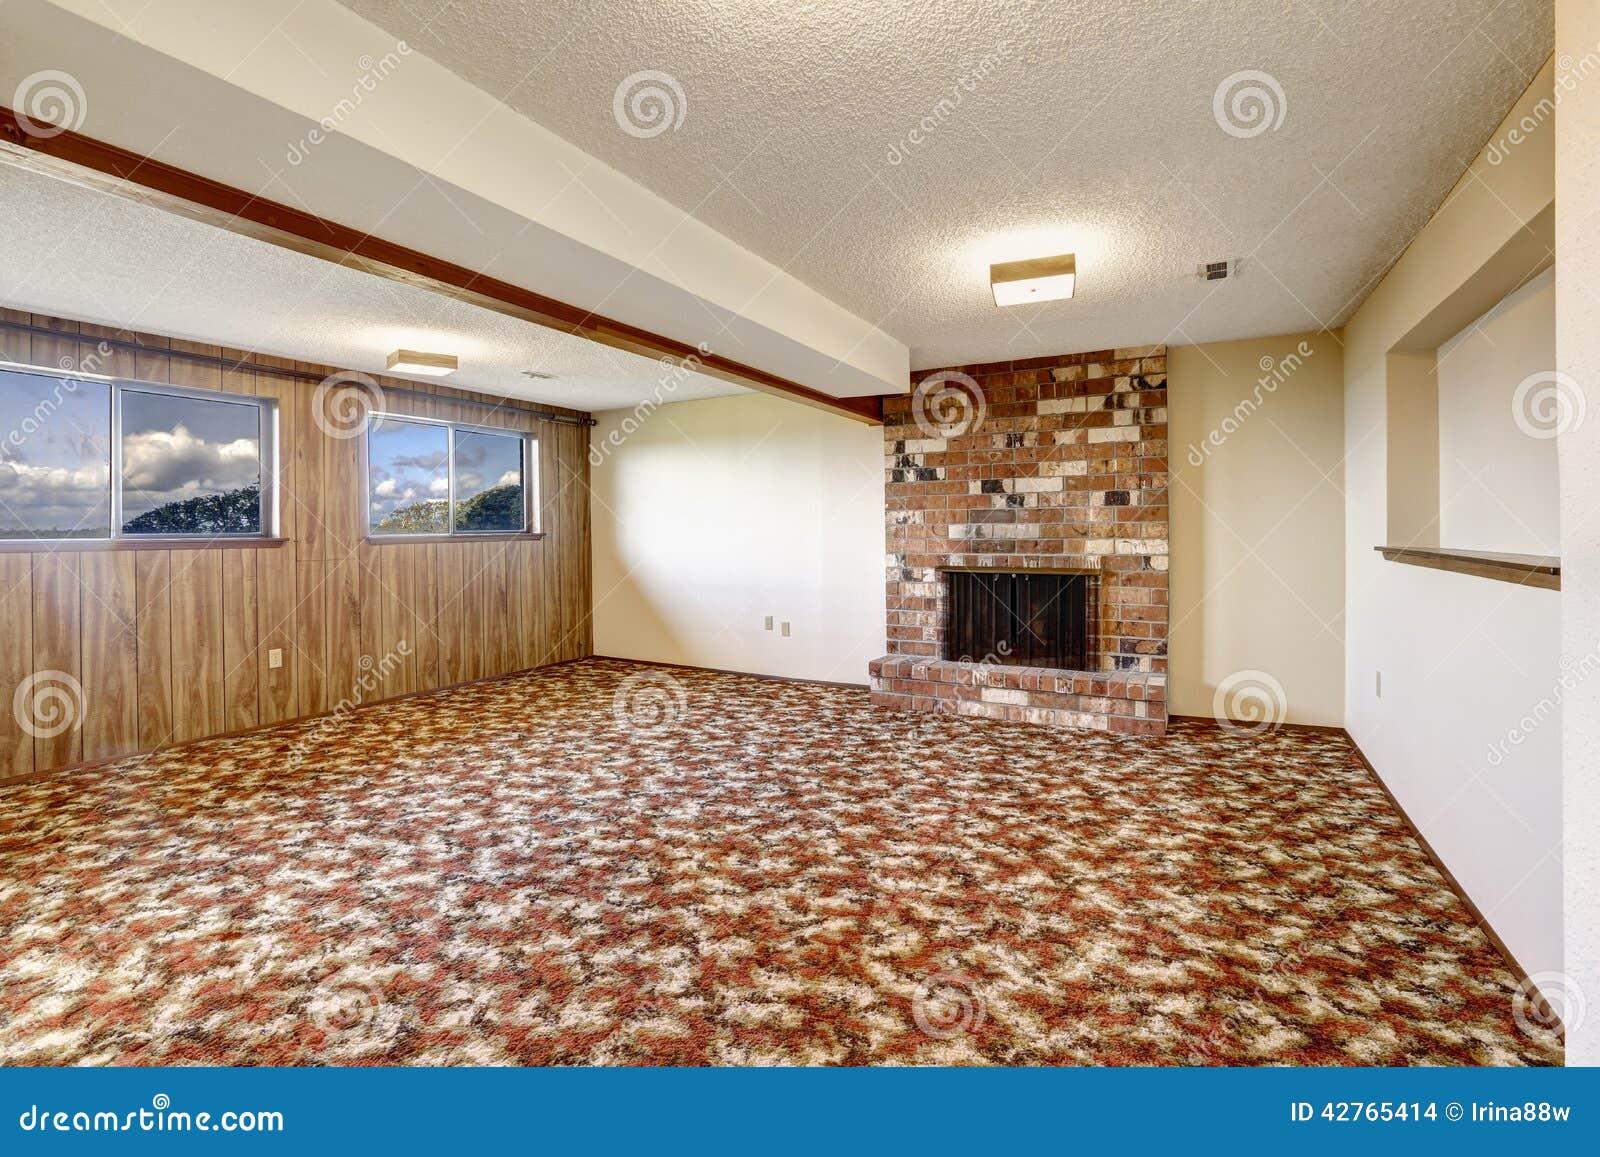 leeres wohnzimmer mit ziegelsteinkamin und buntem teppichboden stockfoto bild von hintergrund. Black Bedroom Furniture Sets. Home Design Ideas